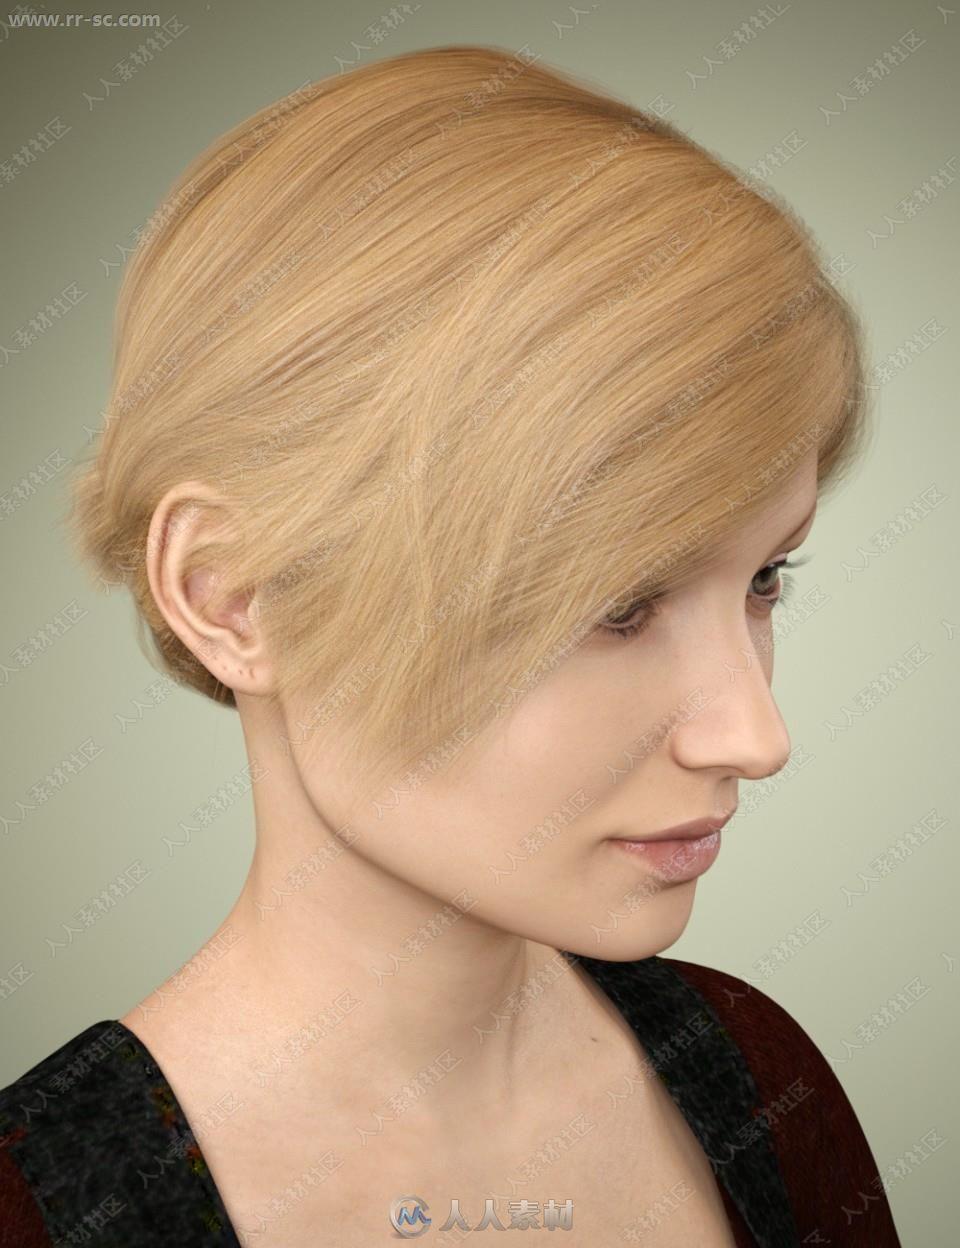 多种颜色发型短发刘海小马尾发型3D女士减女孩中年模型龄图片